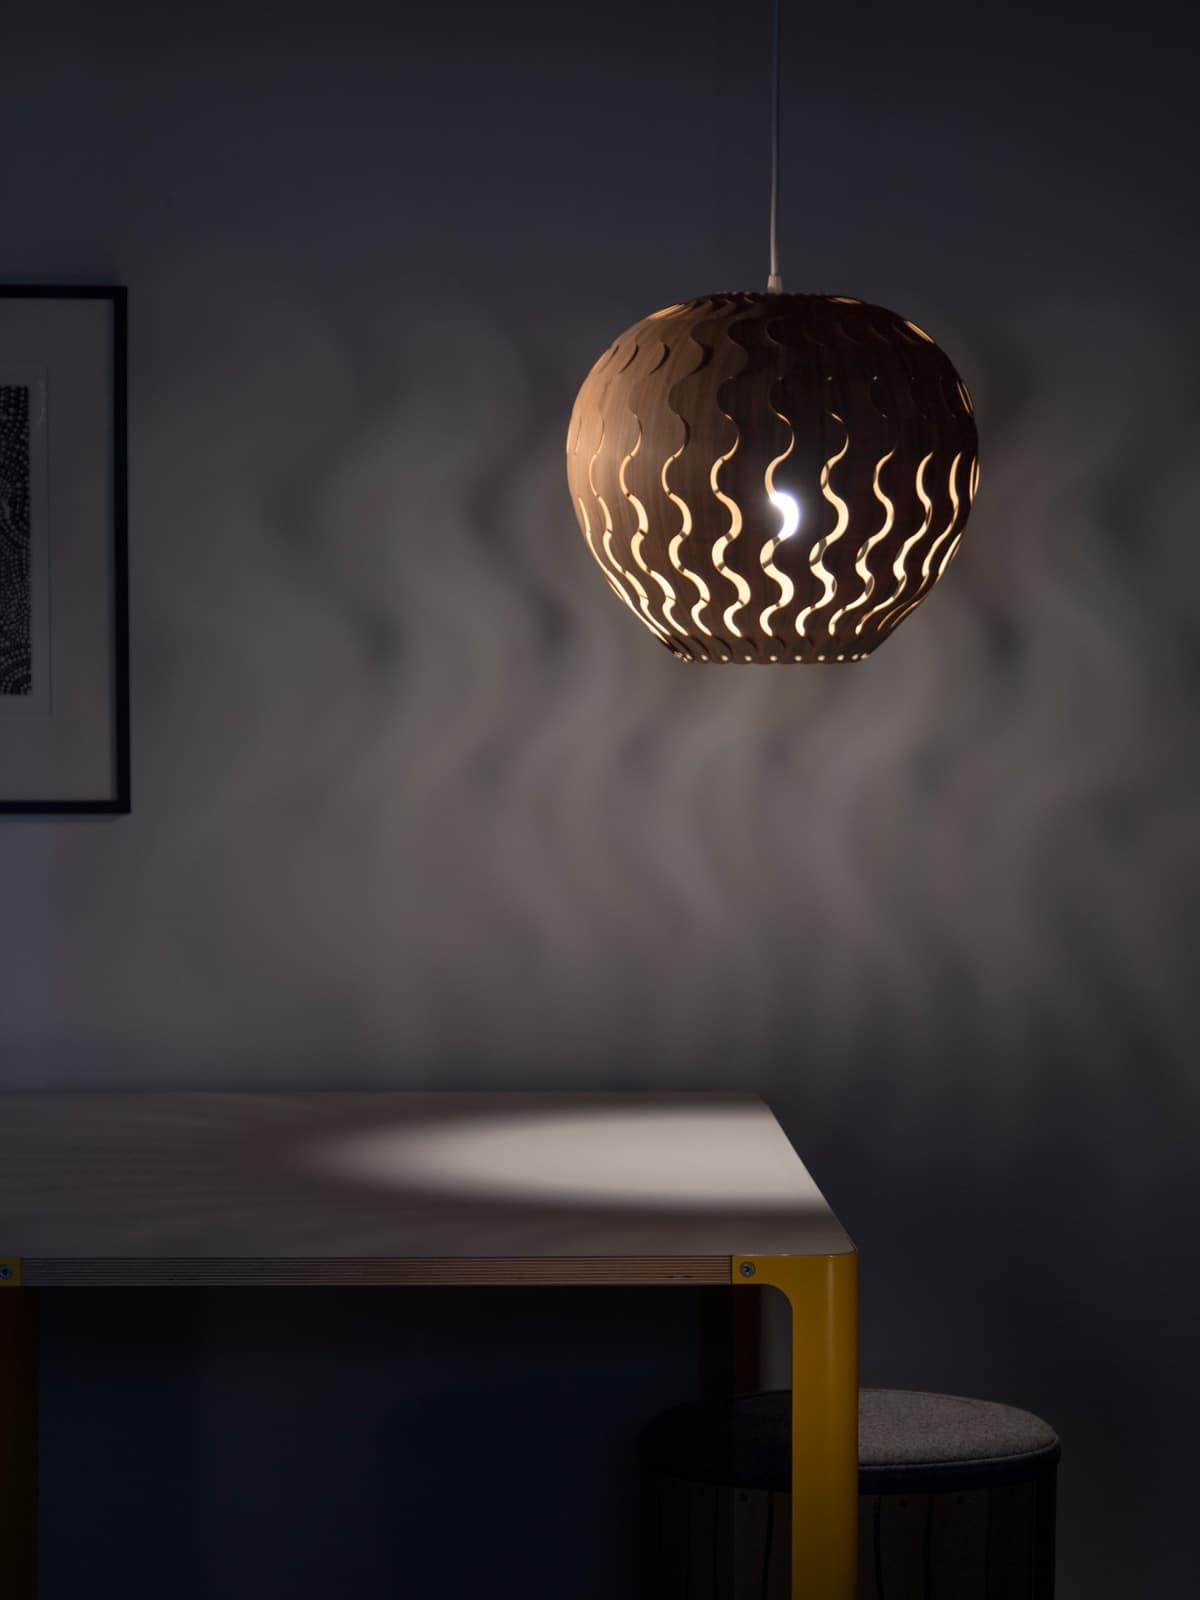 DesignOrt Blog: Bell Glockenförmige Designerleuchten